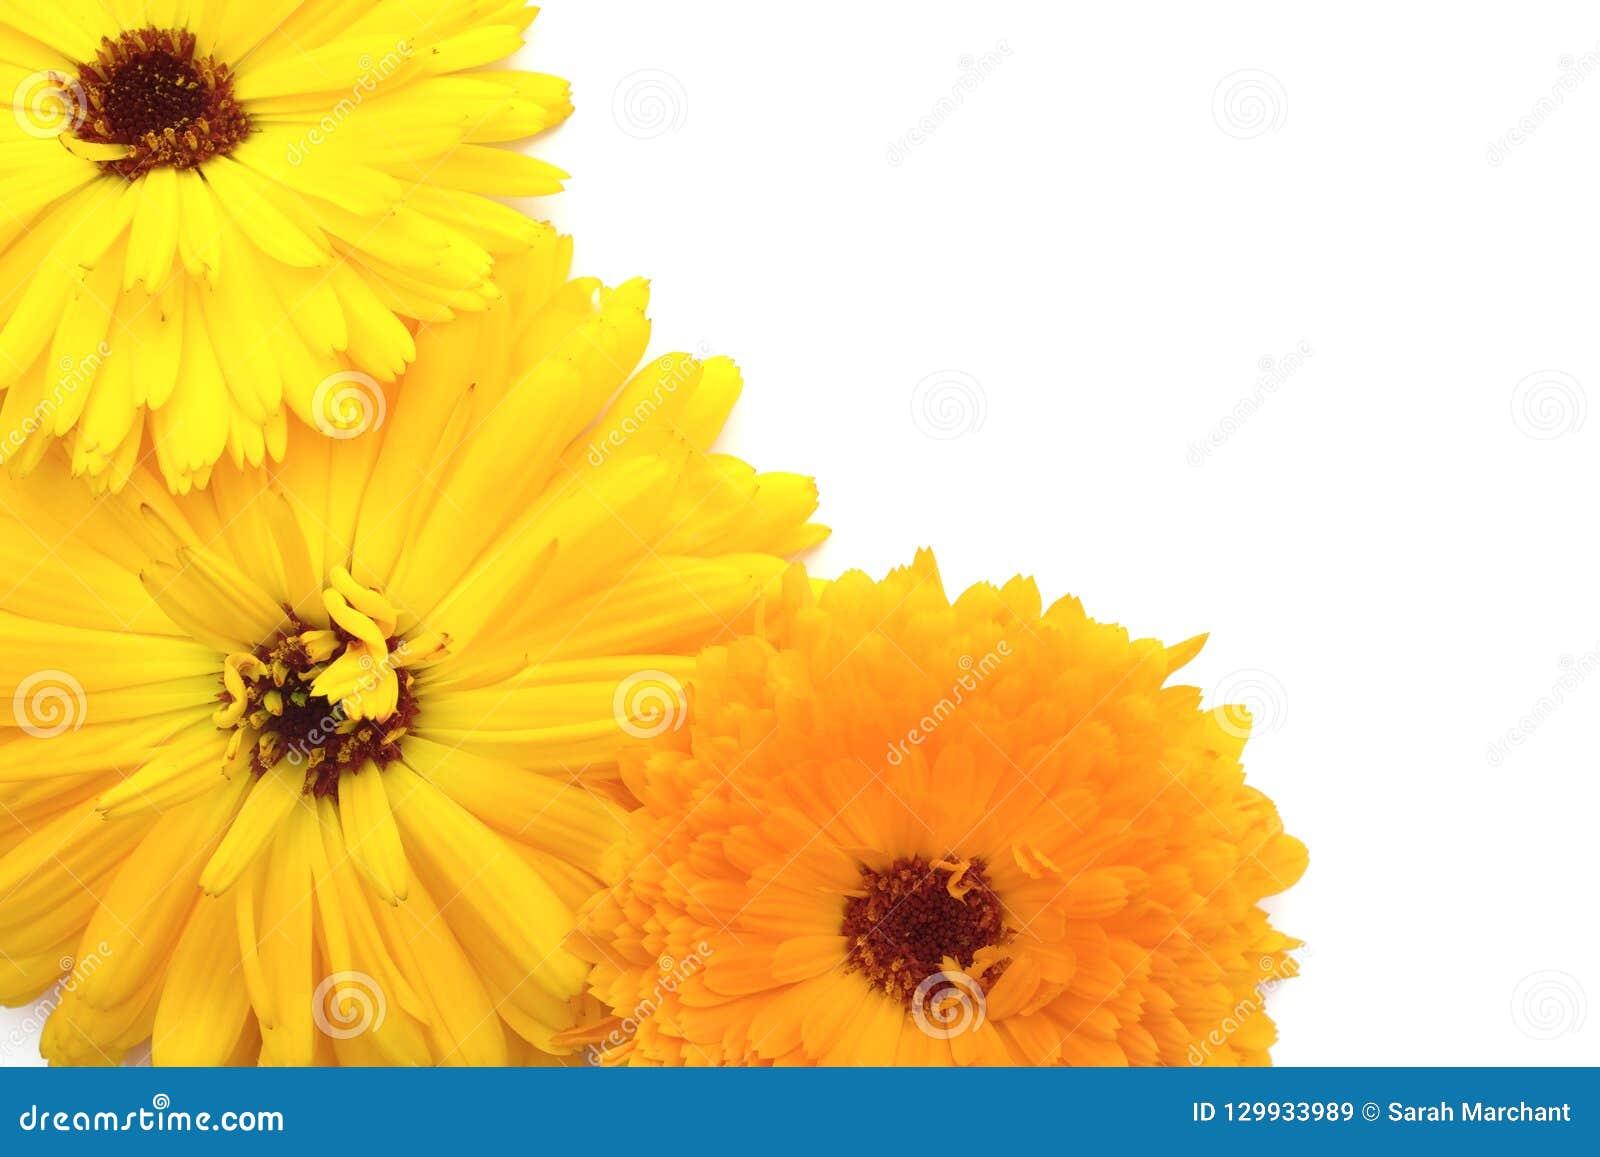 Fiori Gialli Arancio.Fiori Gialli Ed Arancio Luminosi Della Calendula Su Bianco